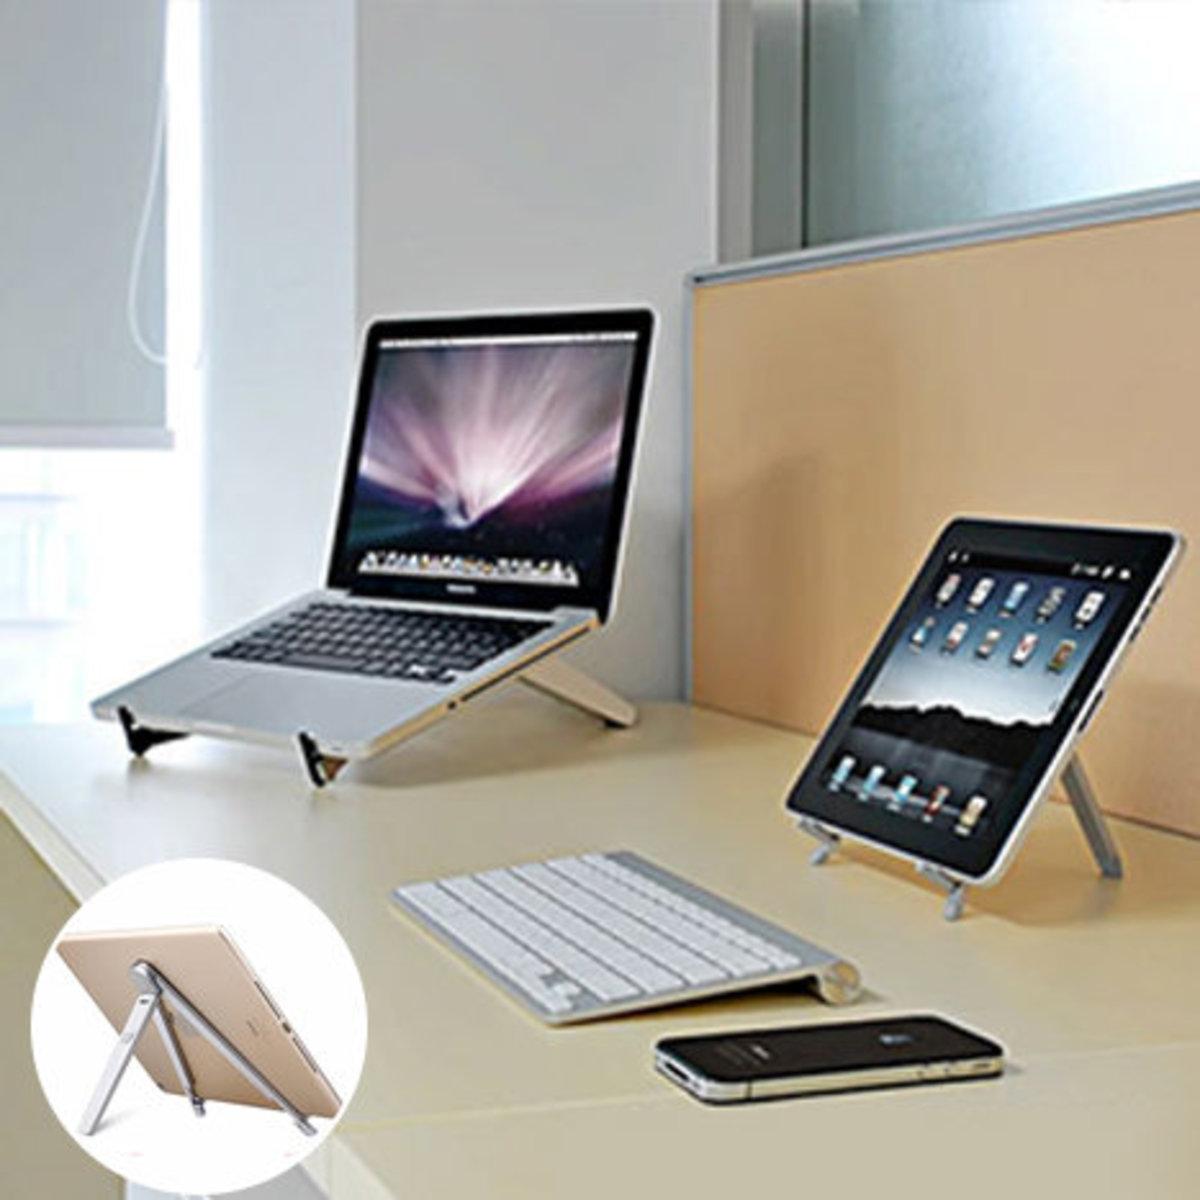 家庭 辦公室 旅行 可折疊 便攜式 智能電話 手提電話座 平板電腦 底座 支架